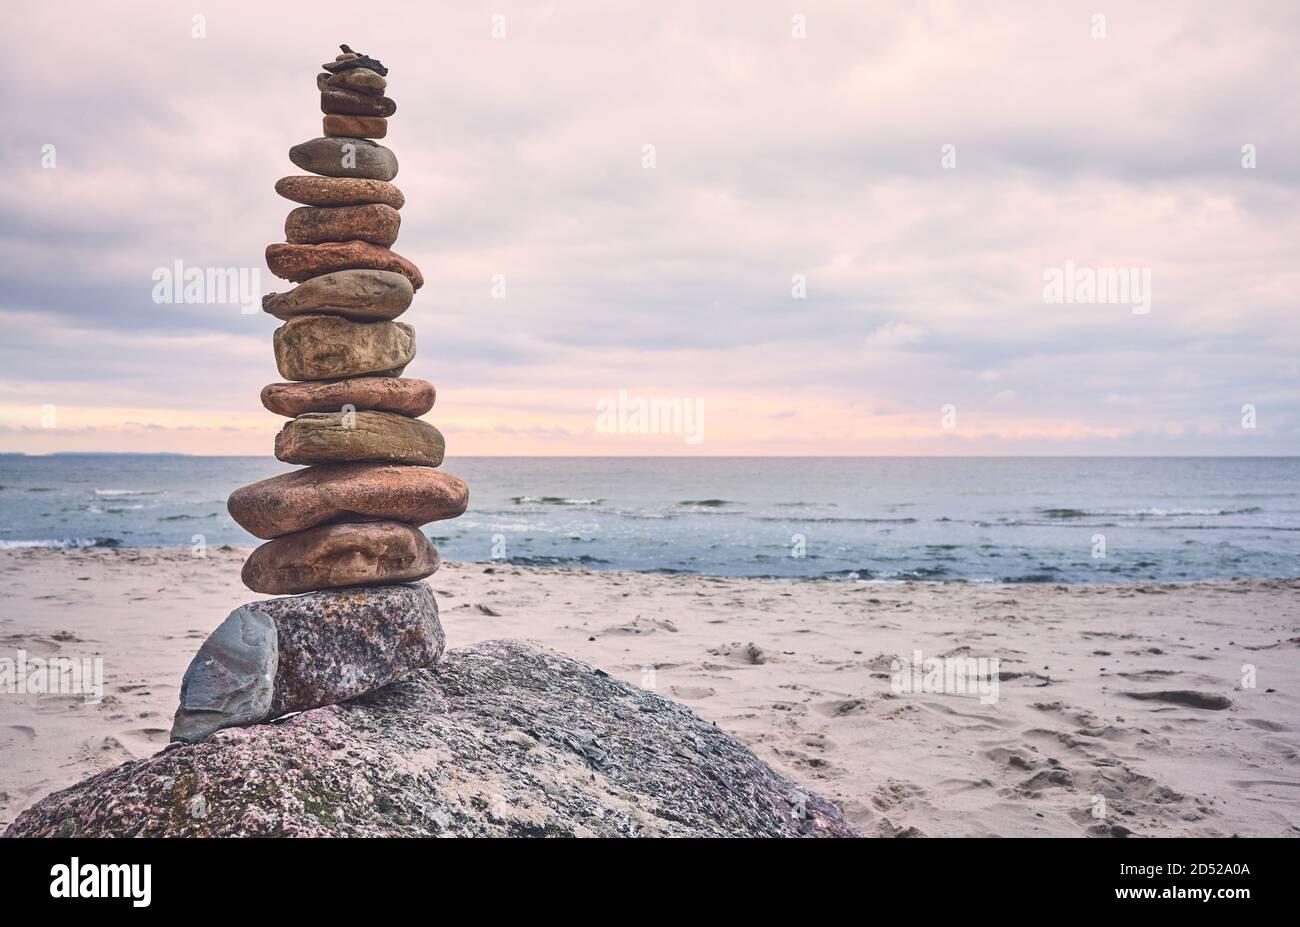 Pirámide de piedra en una playa, zen, concepto de armonía y equilibrio, tono de color aplicado. Foto de stock